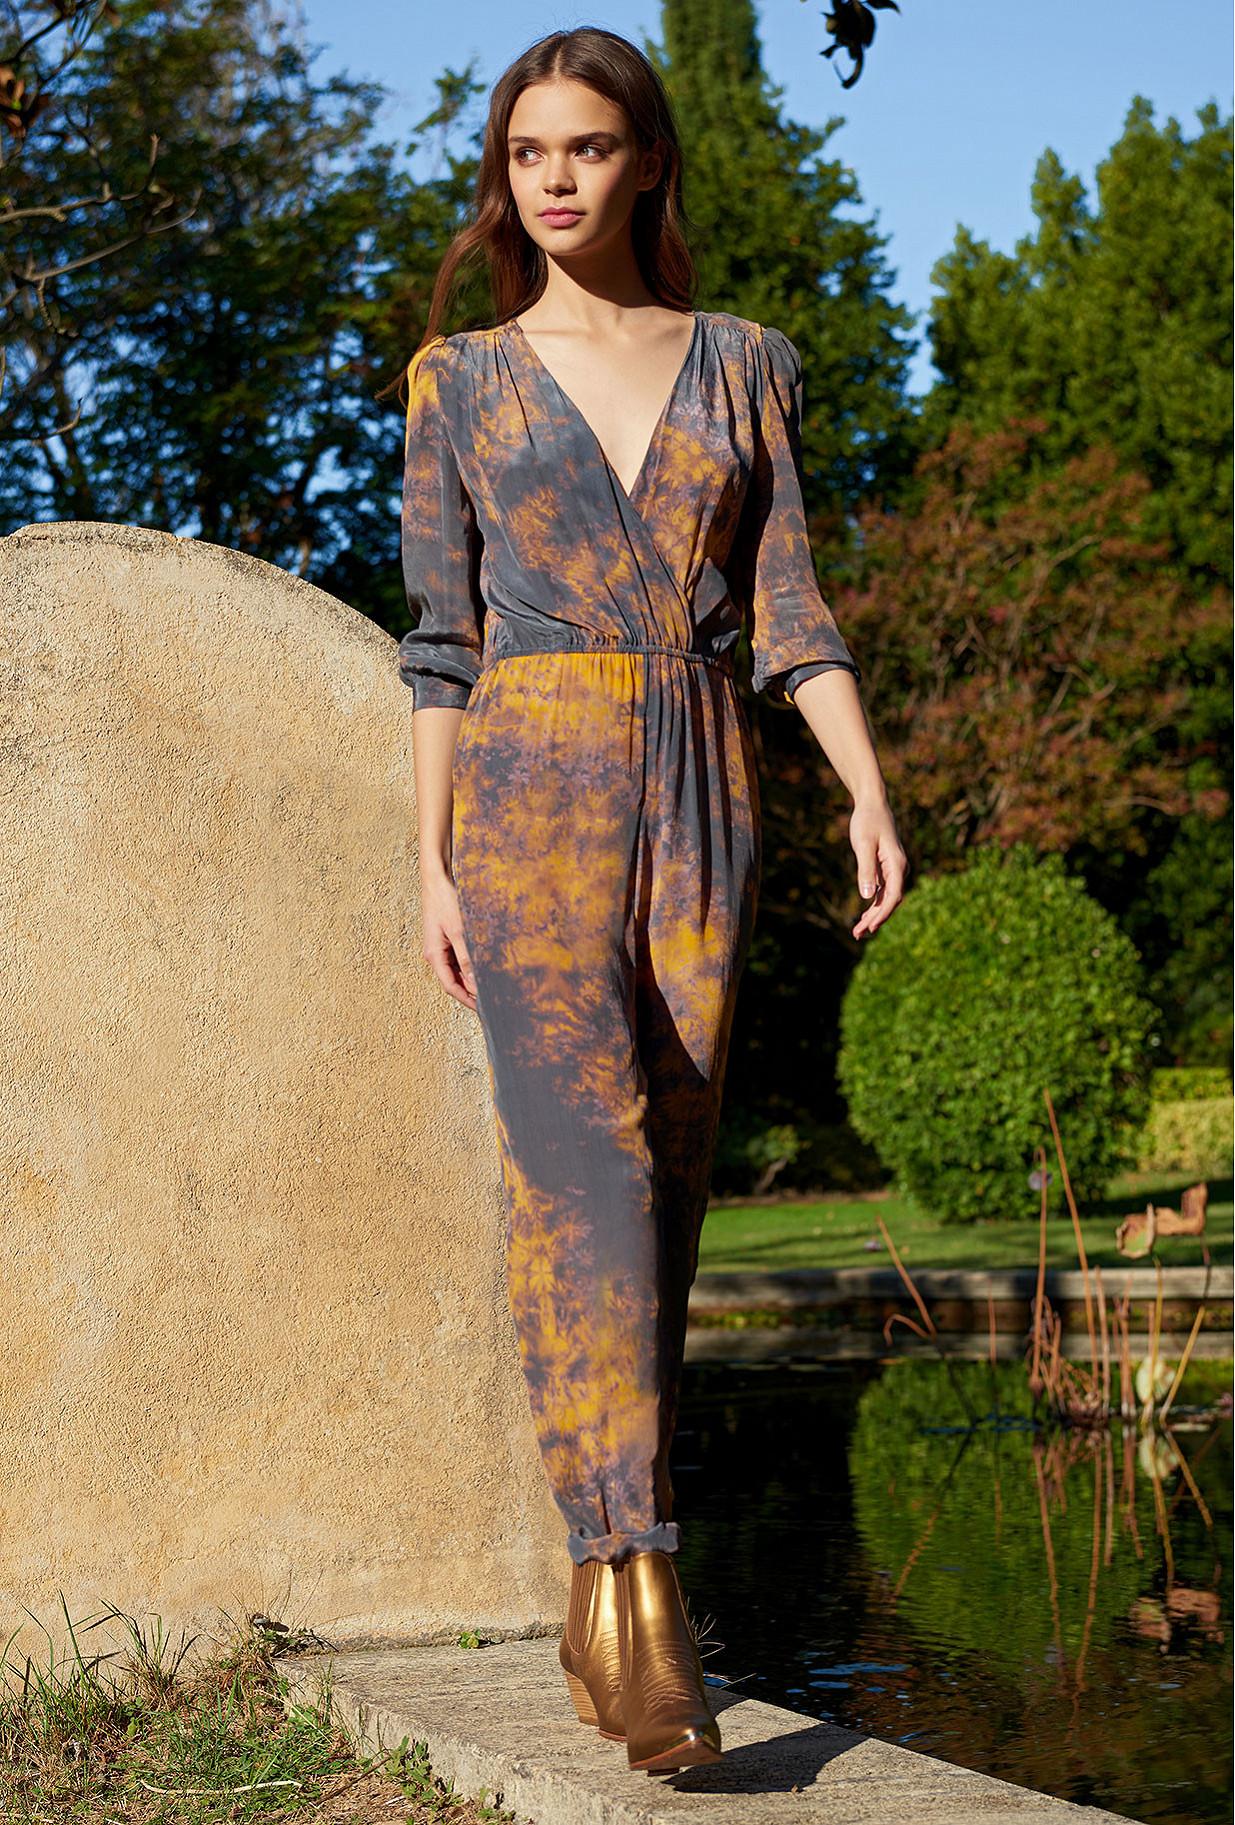 Paris clothes store Jumpsuit  Morpho french designer fashion Paris